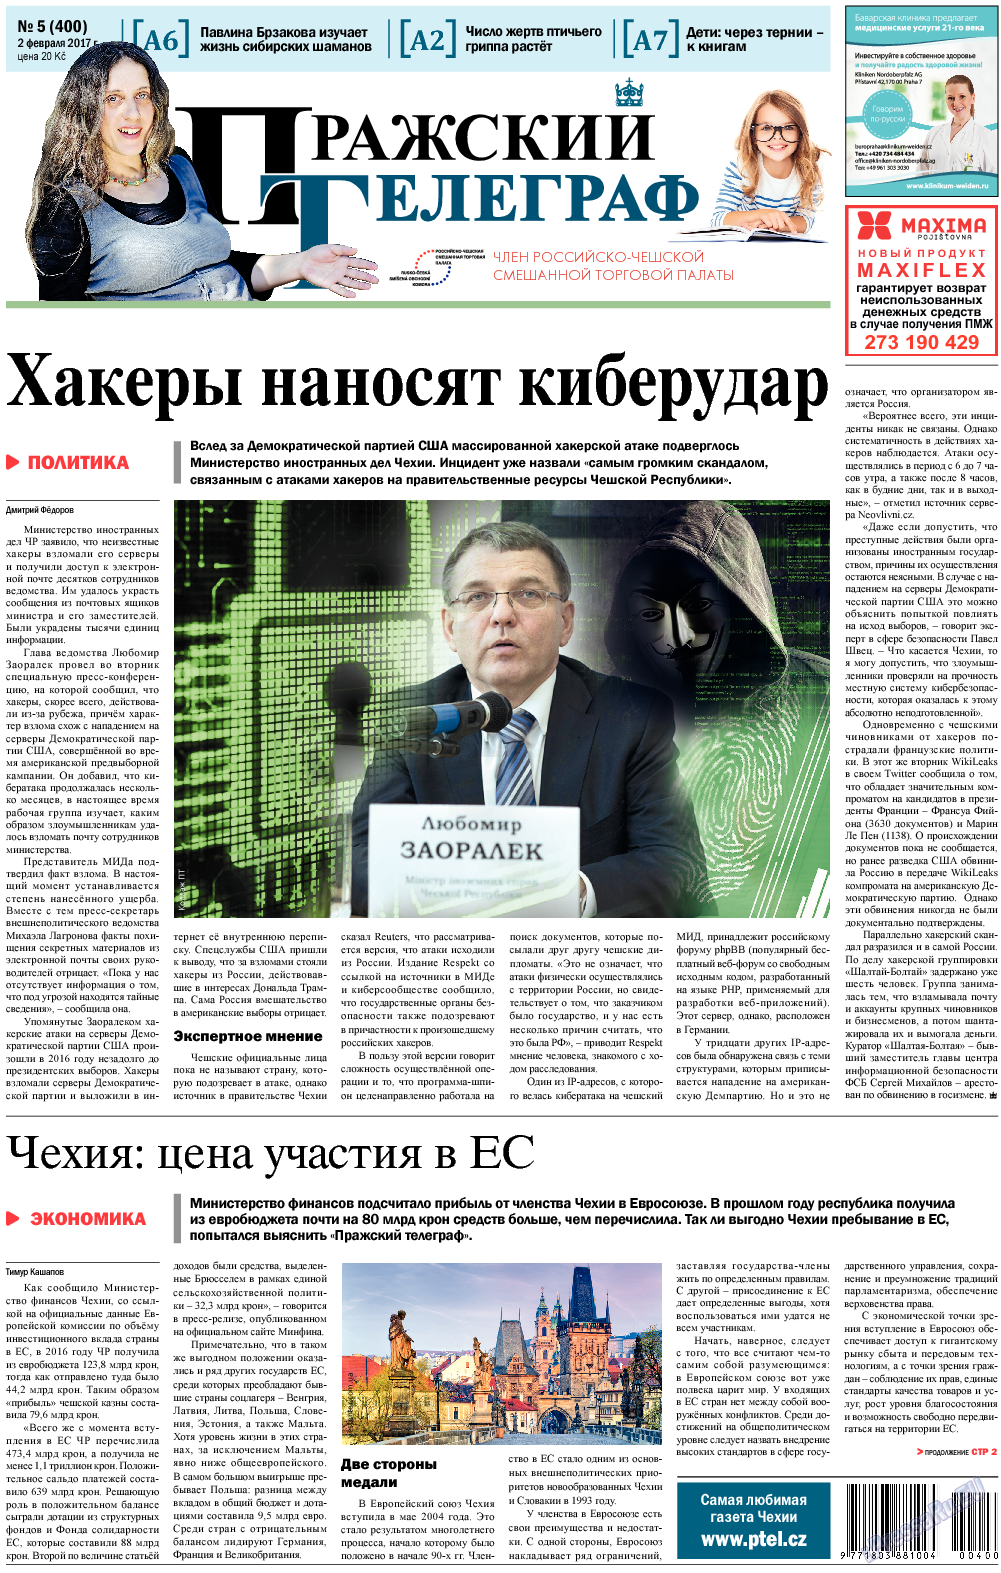 Пражский телеграф (газета). 2017 год, номер 5, стр. 1